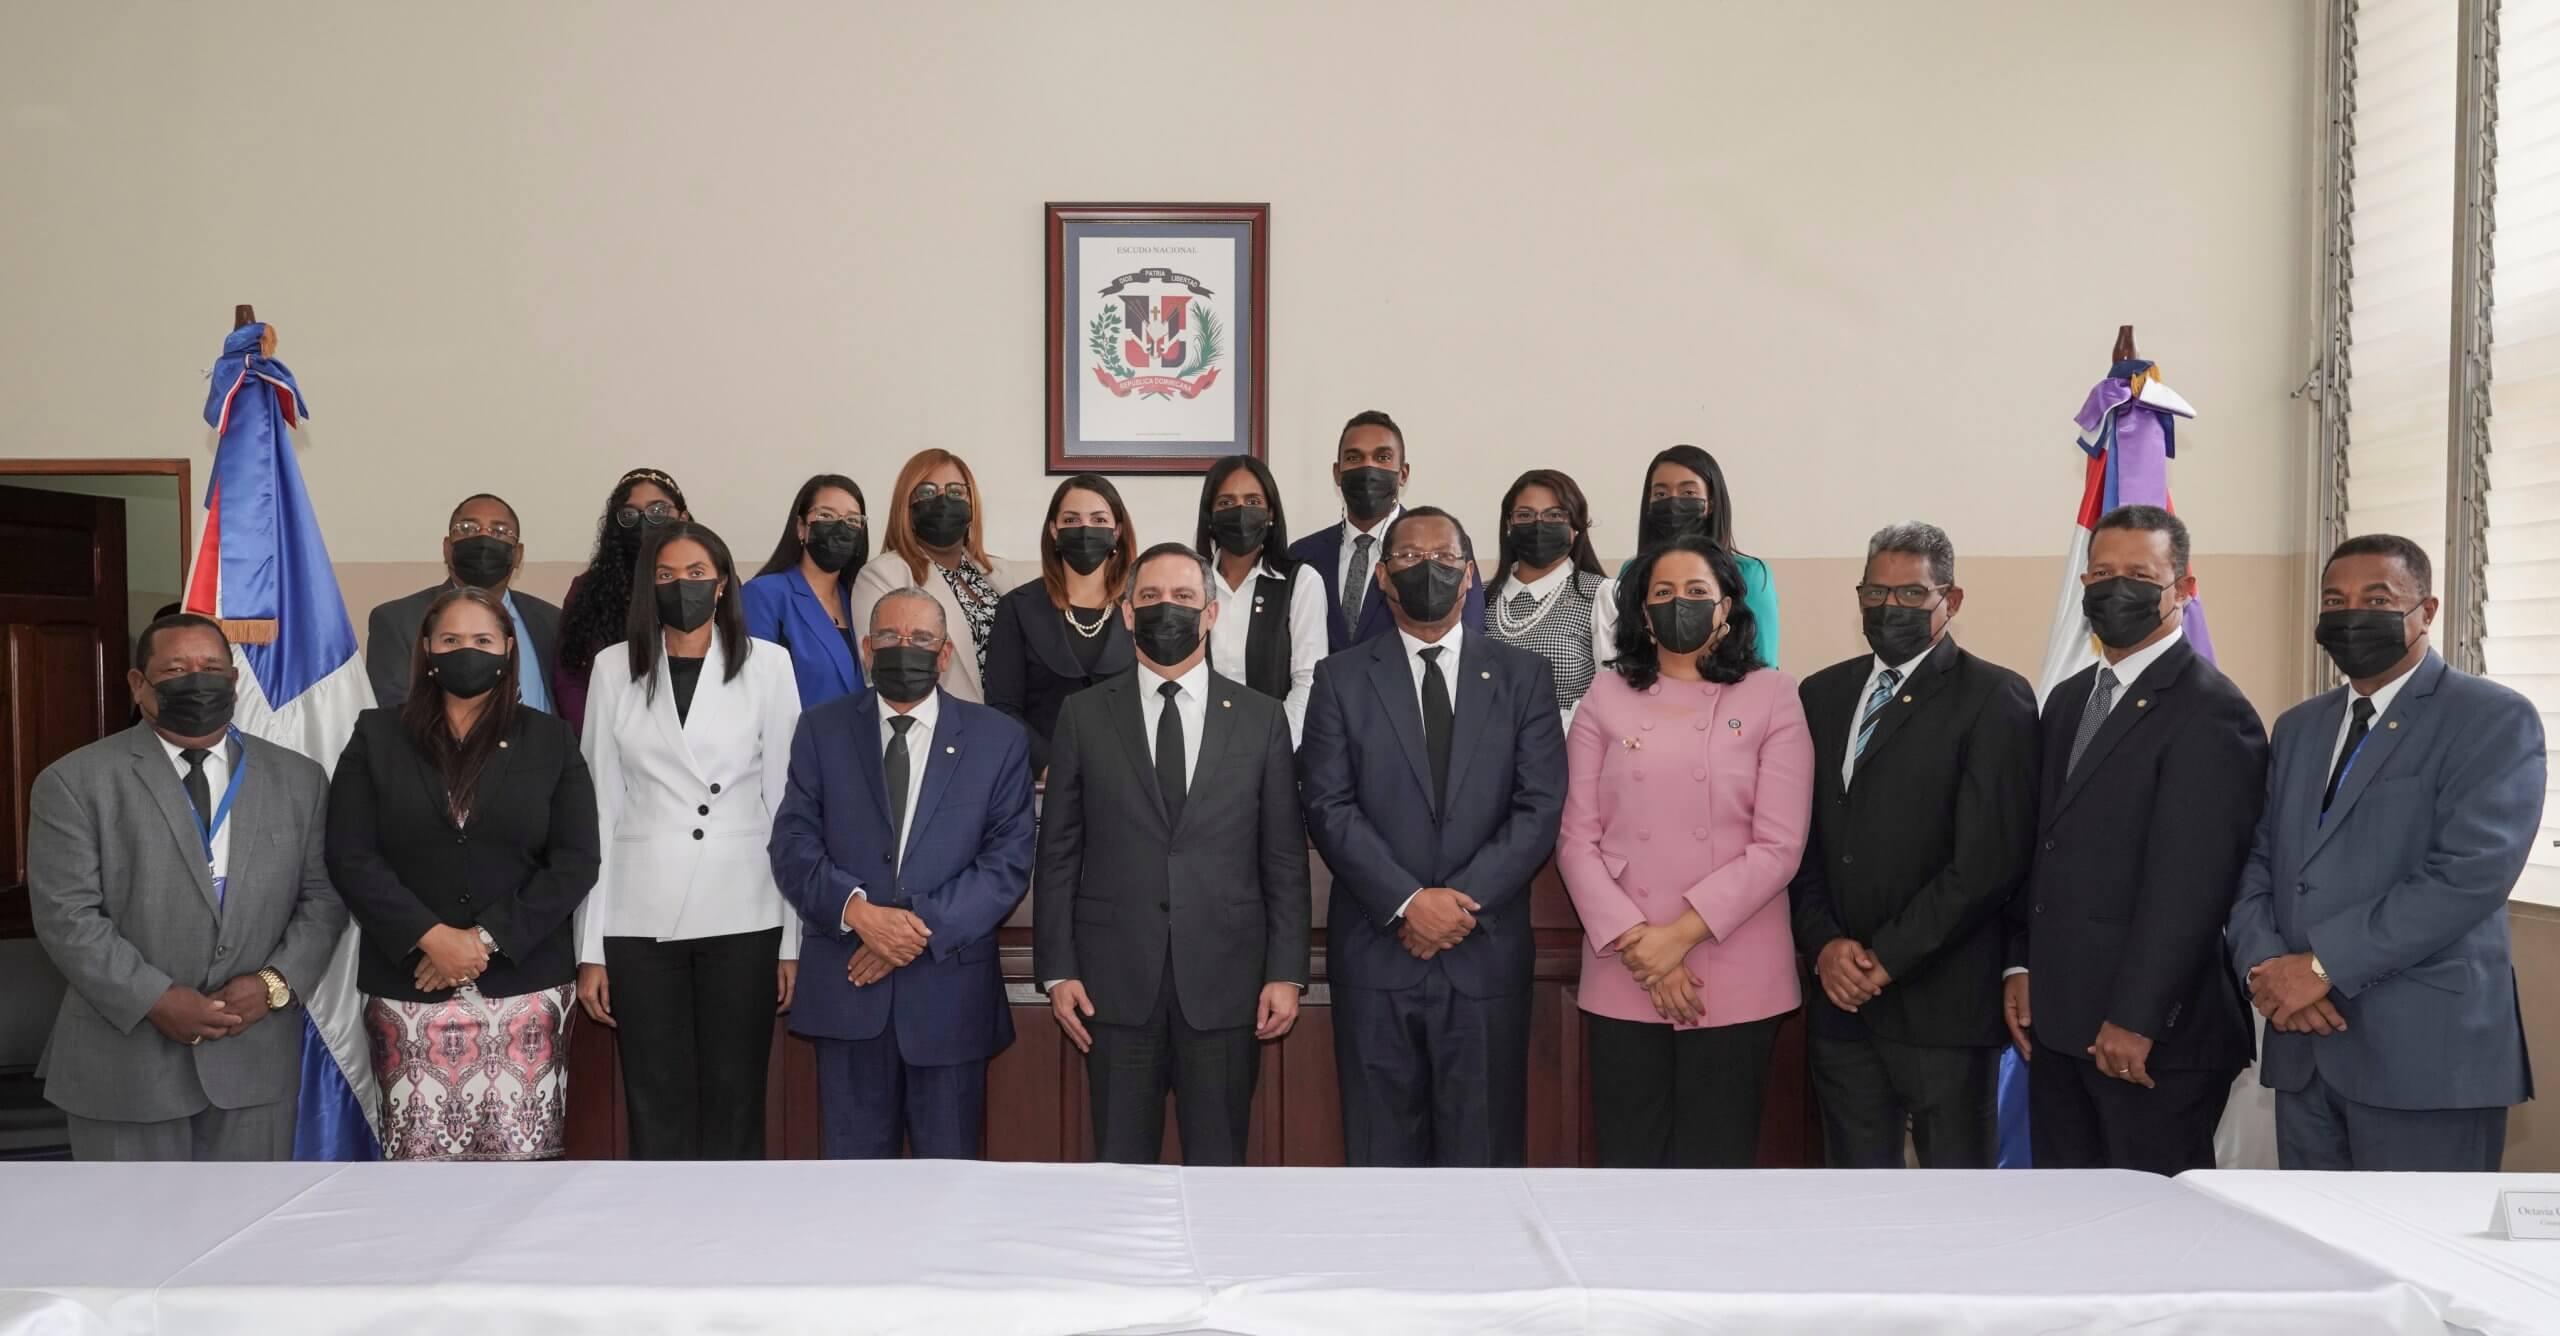 Presidente de la SCJ y consejeros se reúnen con jueces en San Pedro de Macorís